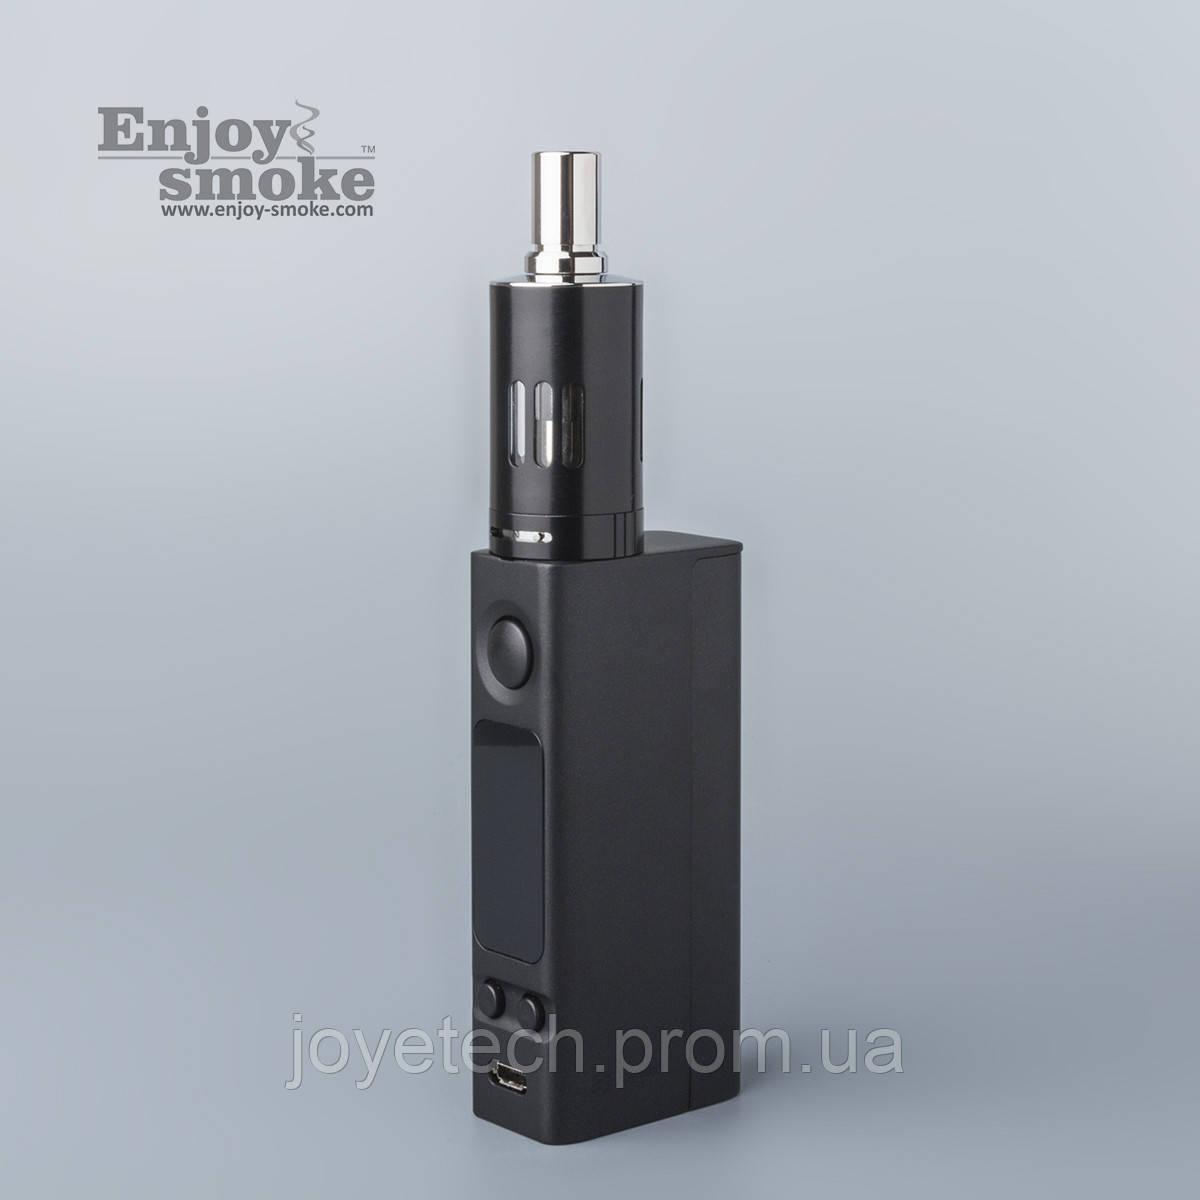 Купить eVic-VTC Mini 60W от Joyetech: цена, отзывы, обзор